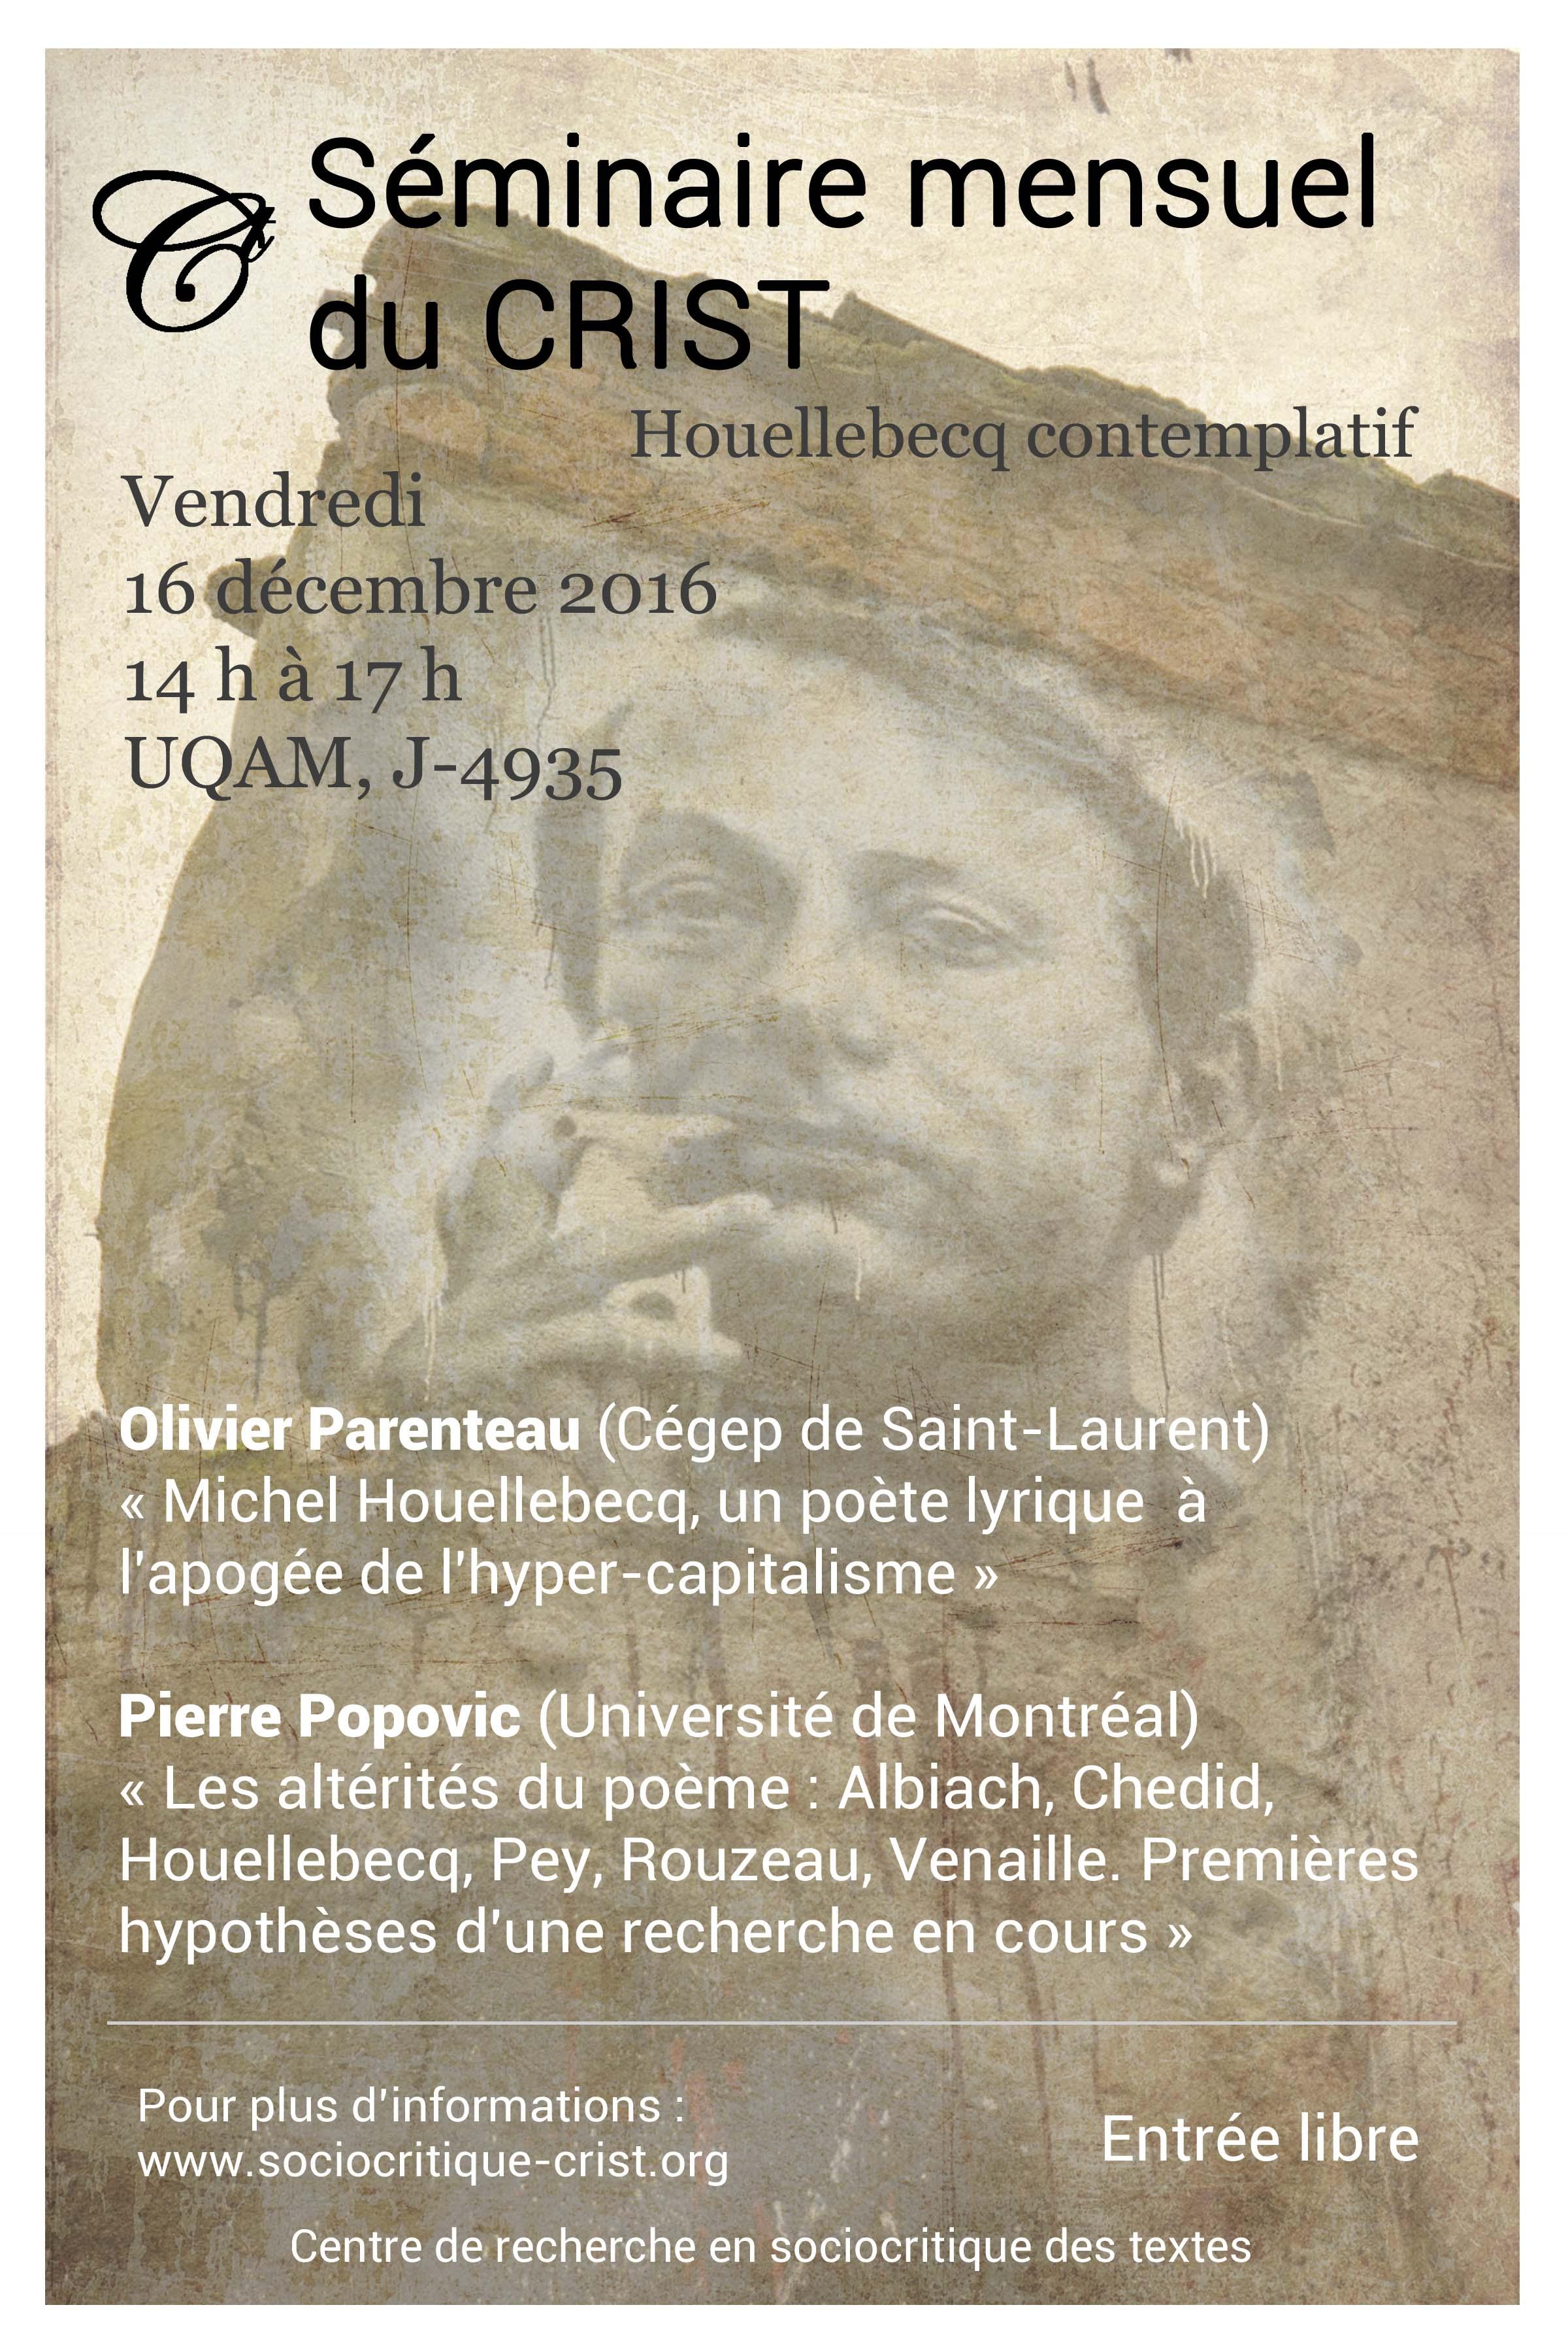 Houellebecq contemplatif. Cinquième séance du séminaire mensuel du CRIST (décembre 2016)